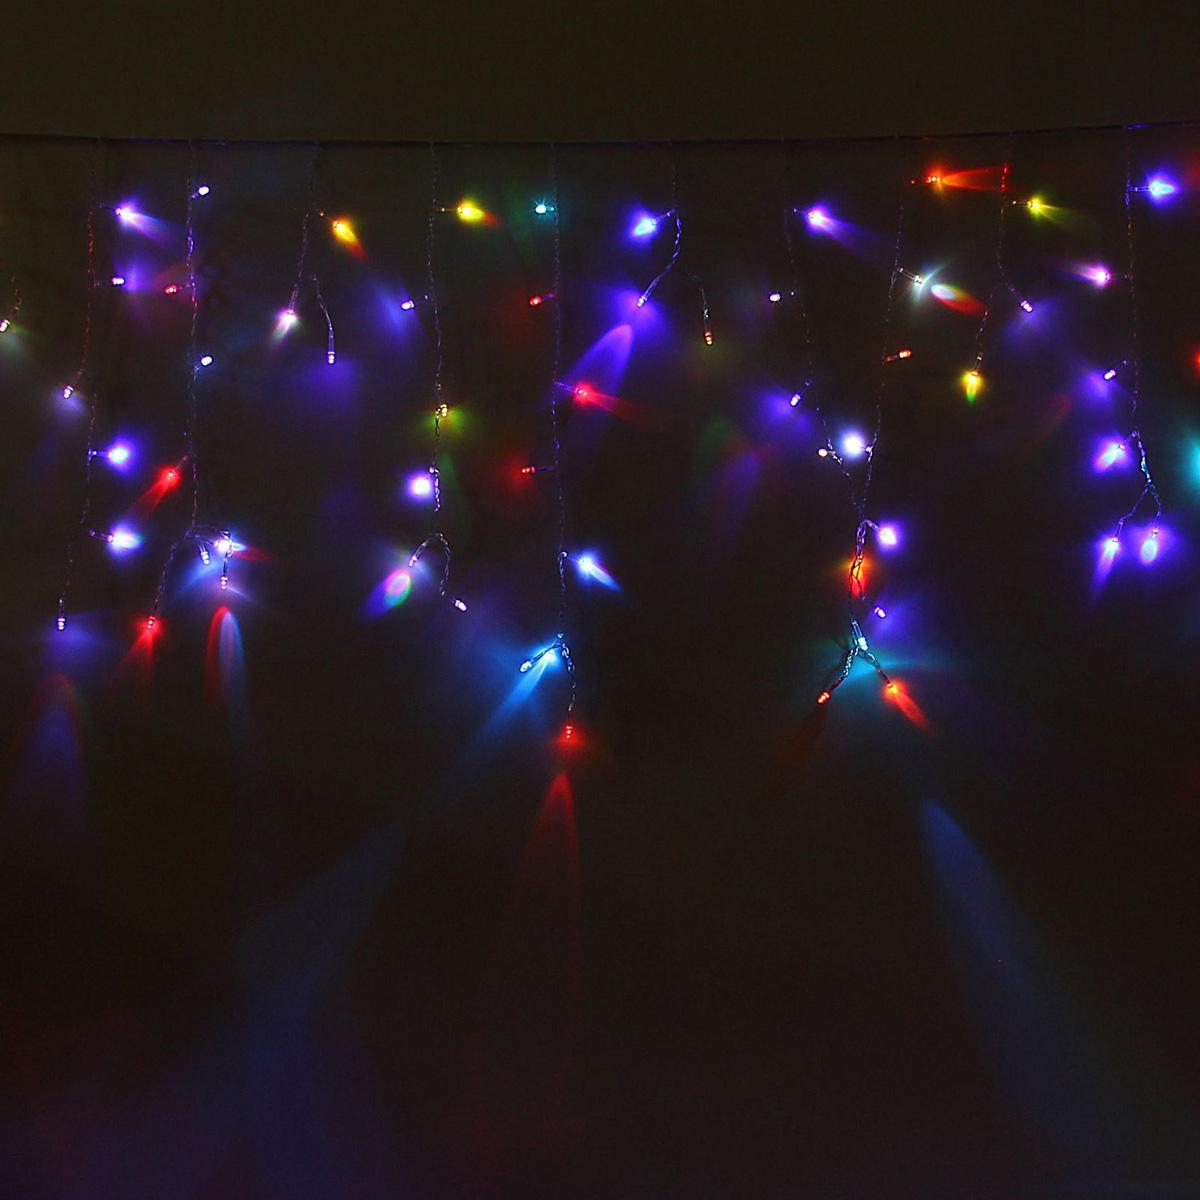 Гирлянда светодиодная Luazon Бахрома, моргает, 299 ламп, 220 V, цвет: мультиколор, 5,2 х 0,6 м. 10804271080427Светодиодные гирлянды, ленты и т.д — это отличный вариант для новогоднего оформления интерьера или фасада. С их помощью помещение любого размера можно превратить в праздничный зал, а внешние элементы зданий, украшенные ими, мгновенно станут напоминать очертания сказочного дворца. Такие украшения создают ауру предвкушения чуда. Деревья, фасады, витрины, окна и арки будто специально созданы, чтобы вы украсили их светящимися нитями.